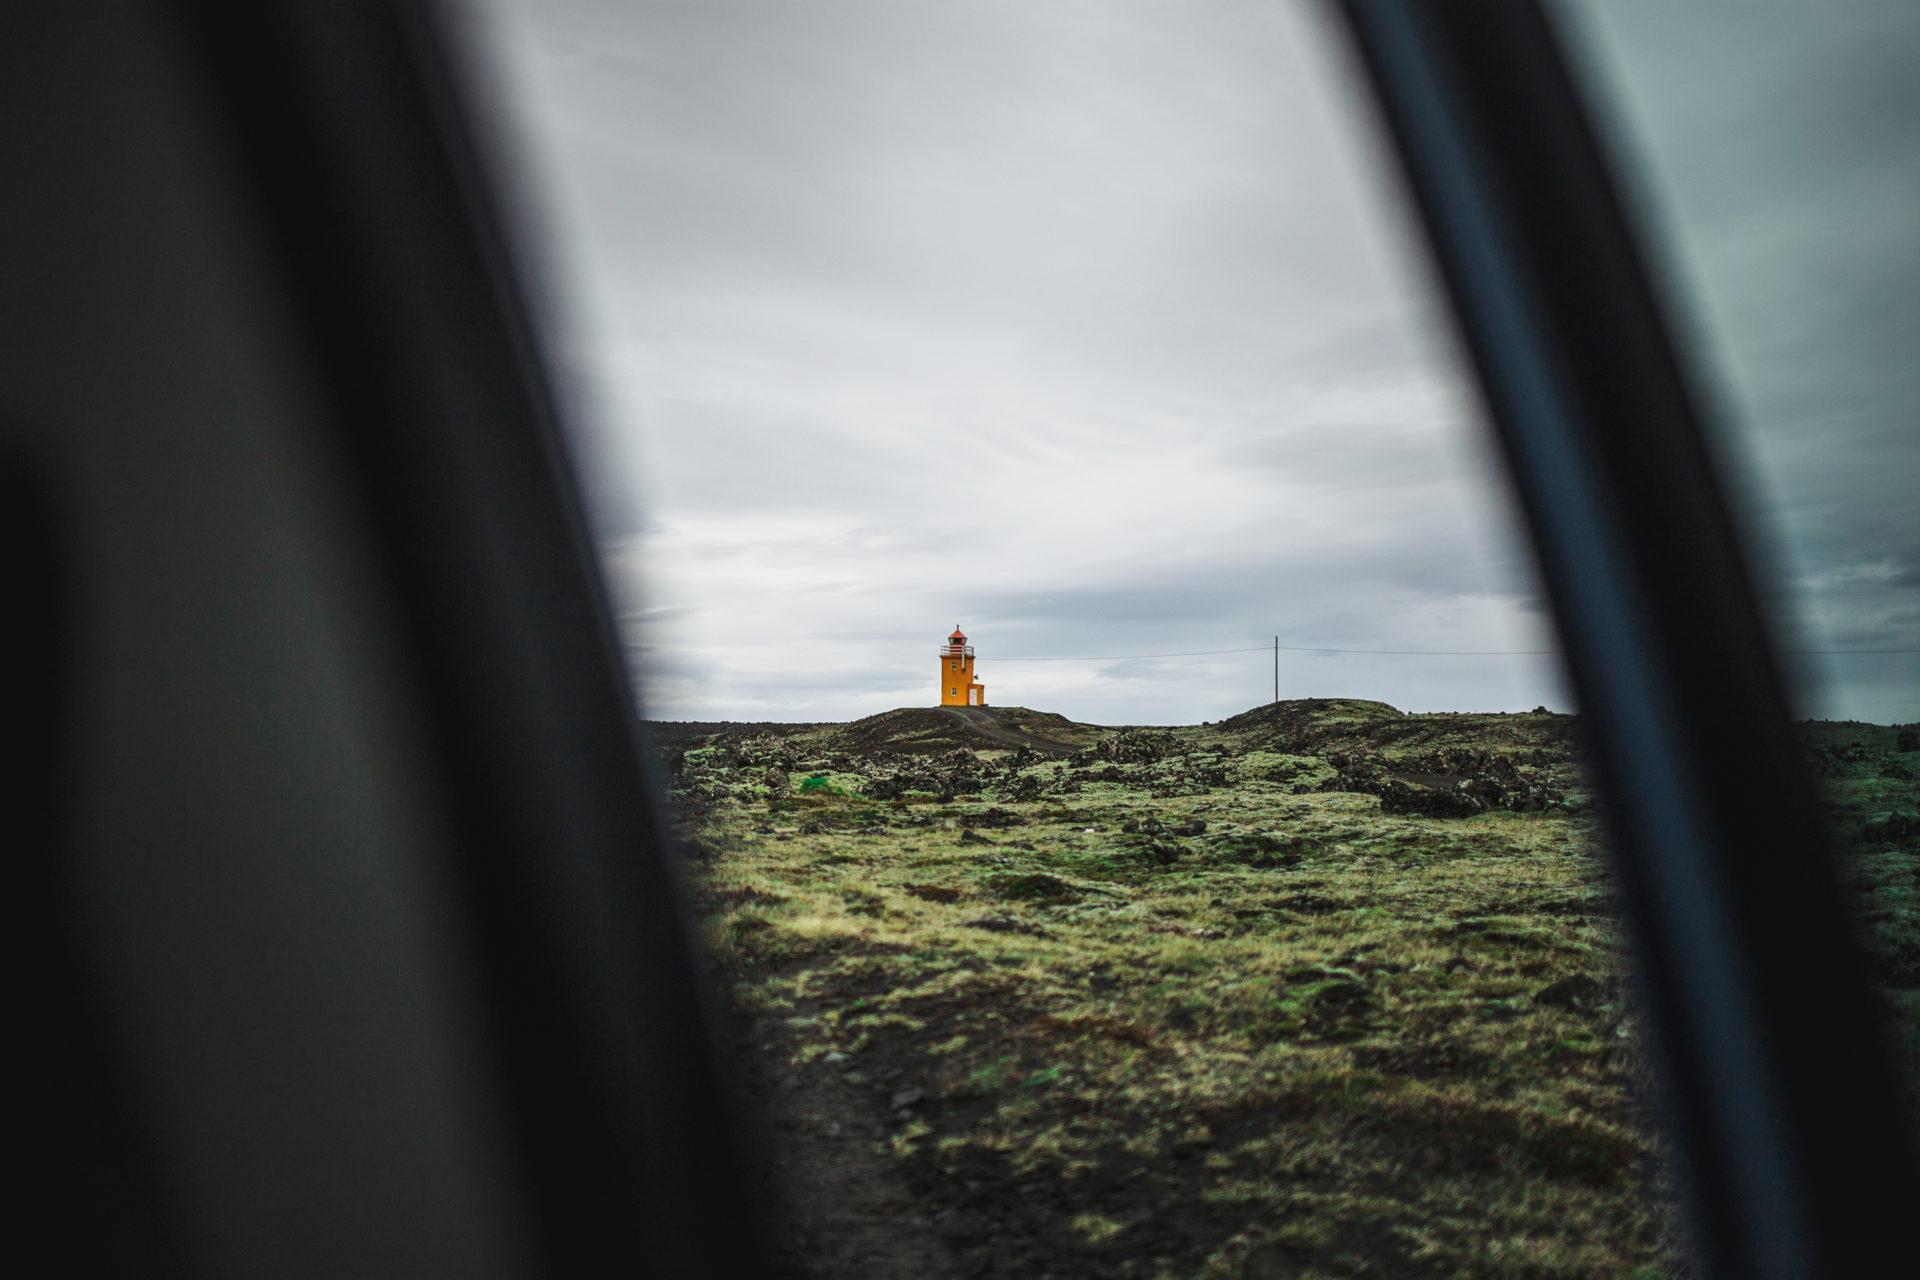 Iceland_Island_0022_Carolin-Weinkopf